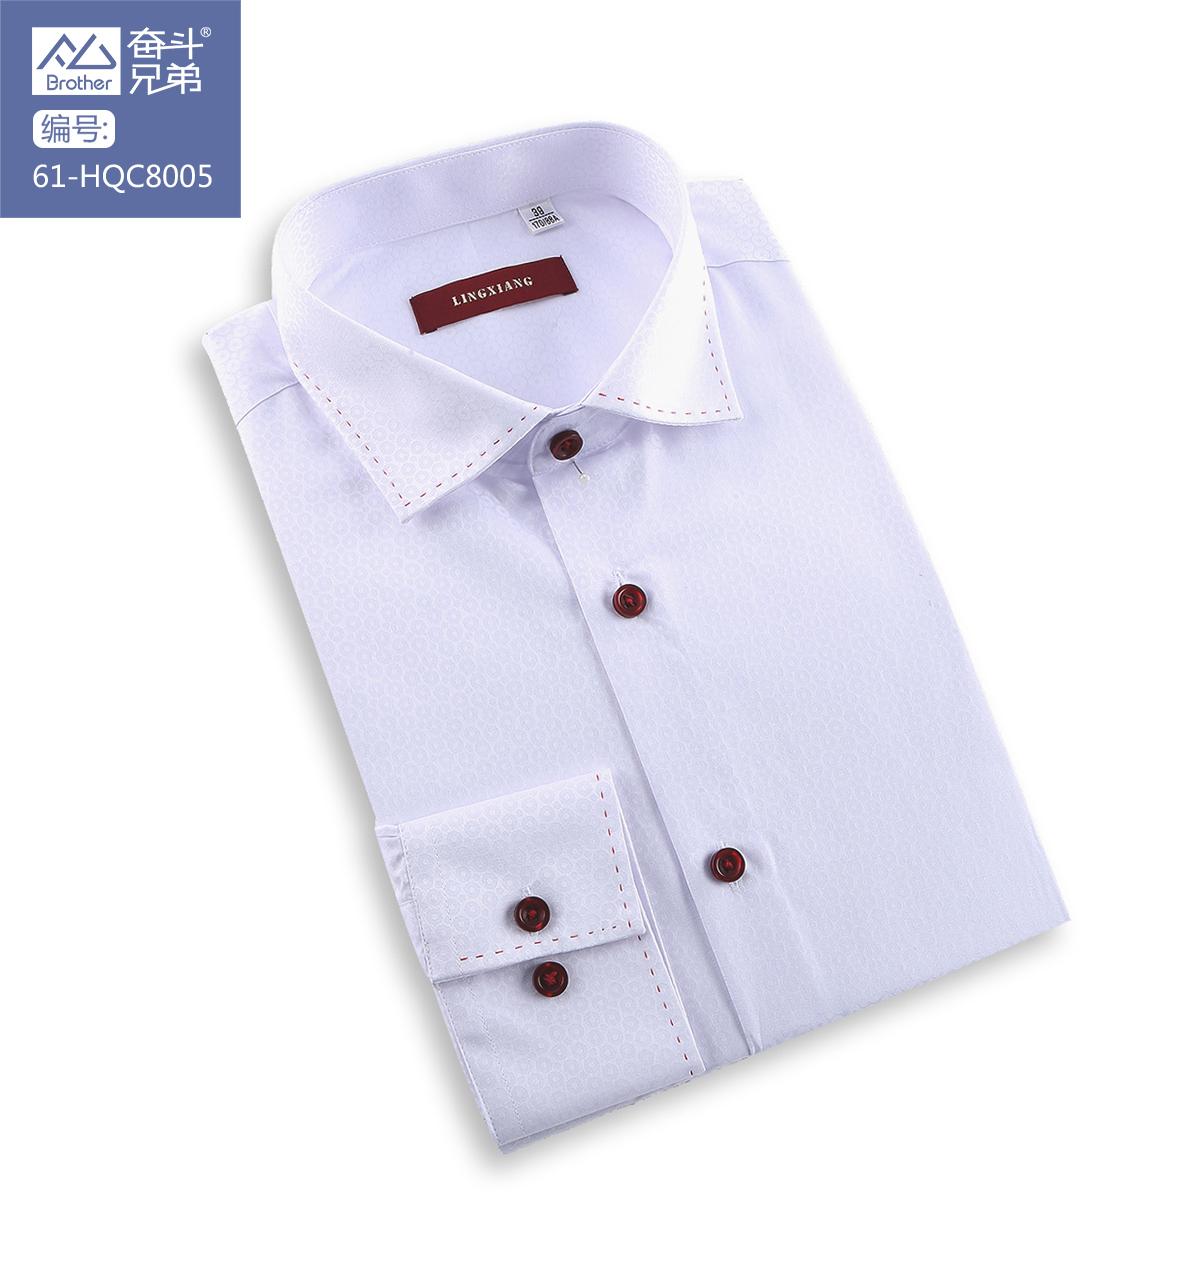 衬衫定制的有利形势及如何正确选择